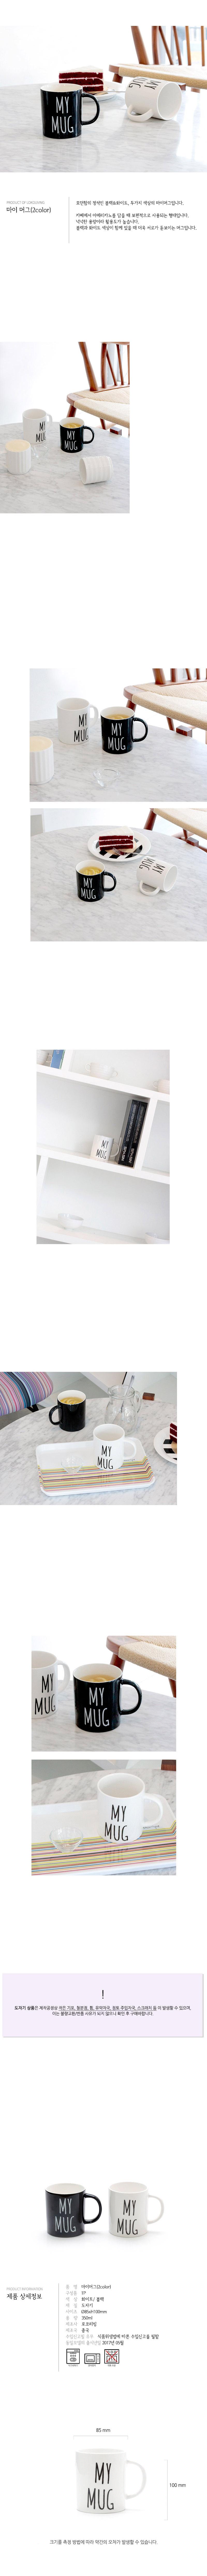 마이 머그(2color) - 로코리빙, 4,880원, 머그컵, 일러스트머그